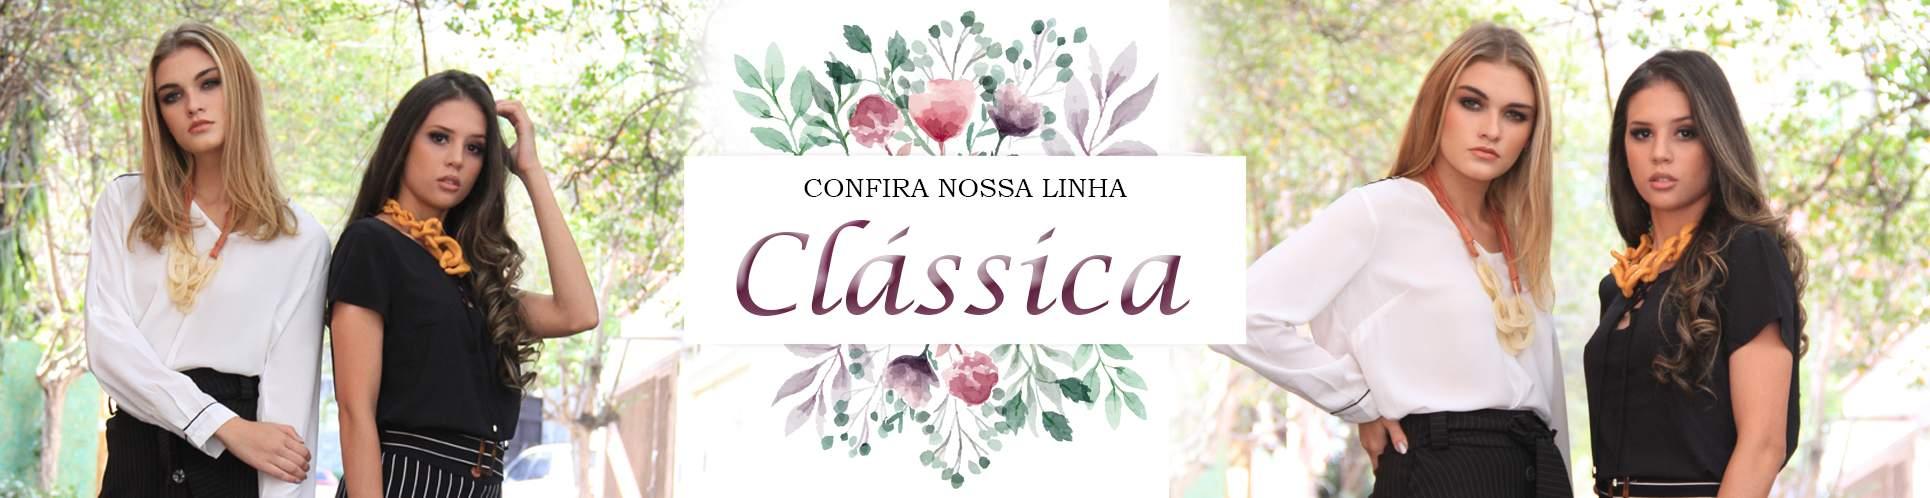 camisa_classica_feminina